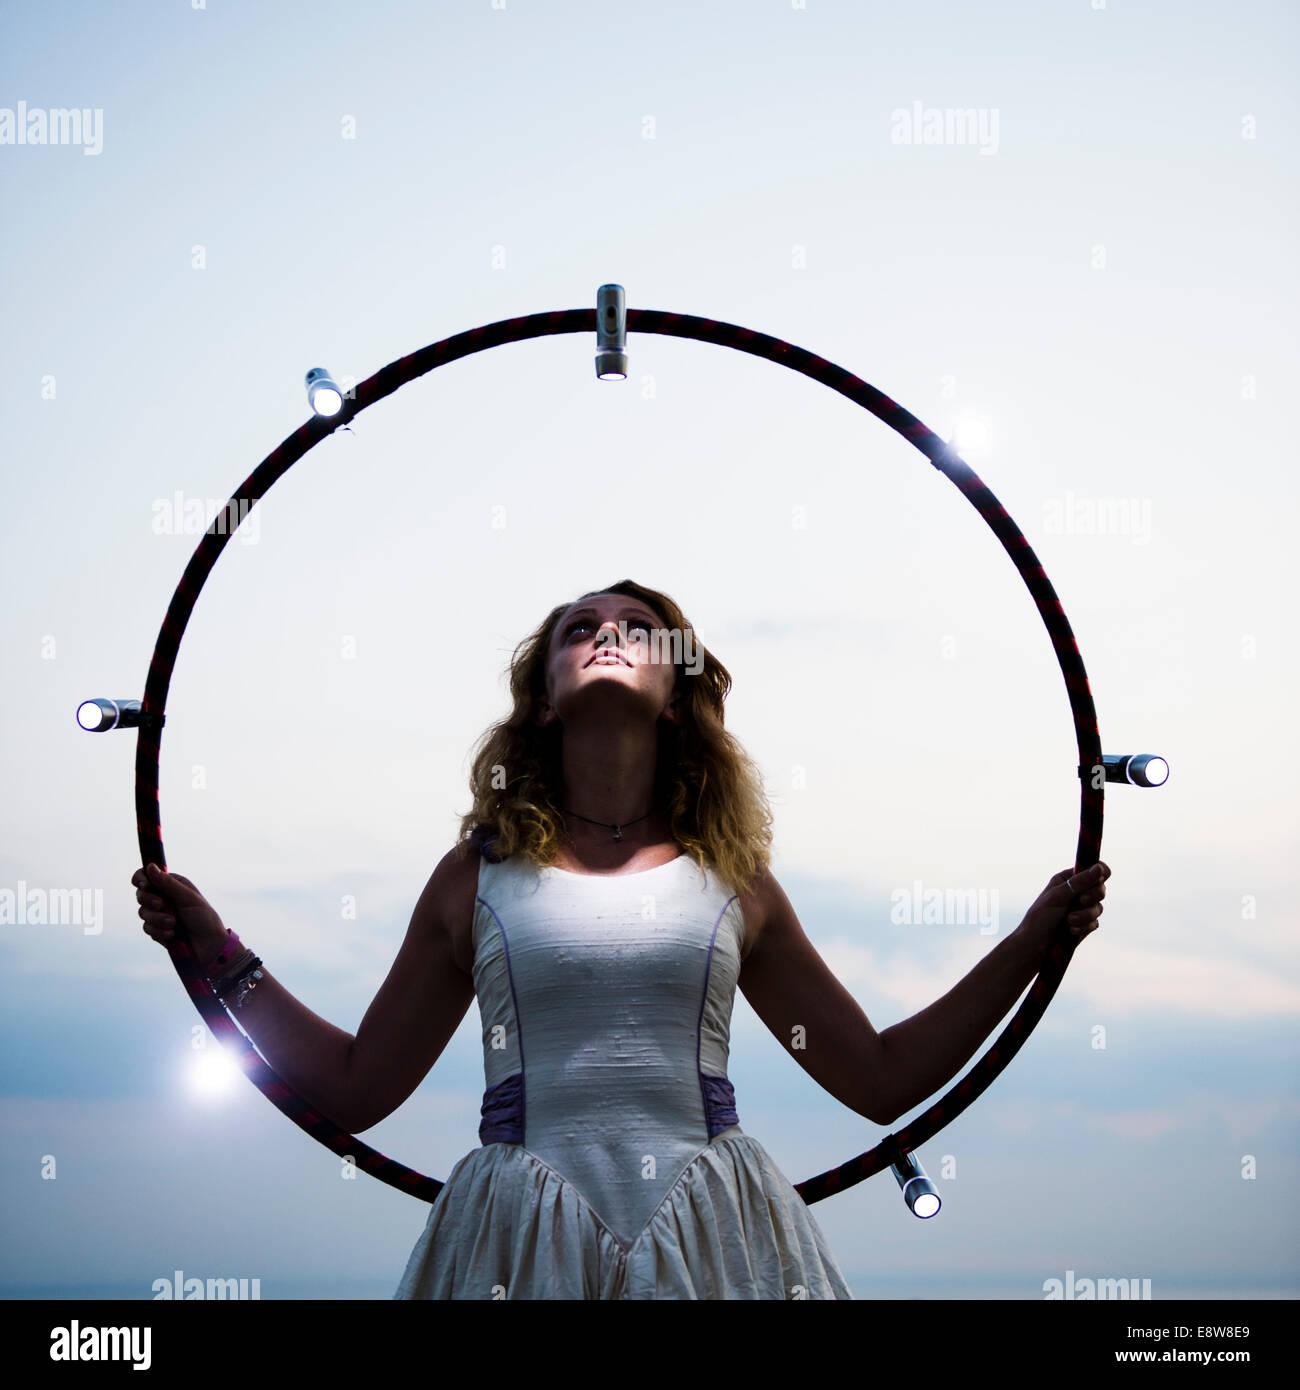 Eine Frau in einem Brautkleid hält einen Hula-Hoop-Reifen mit Lichtern Stockbild